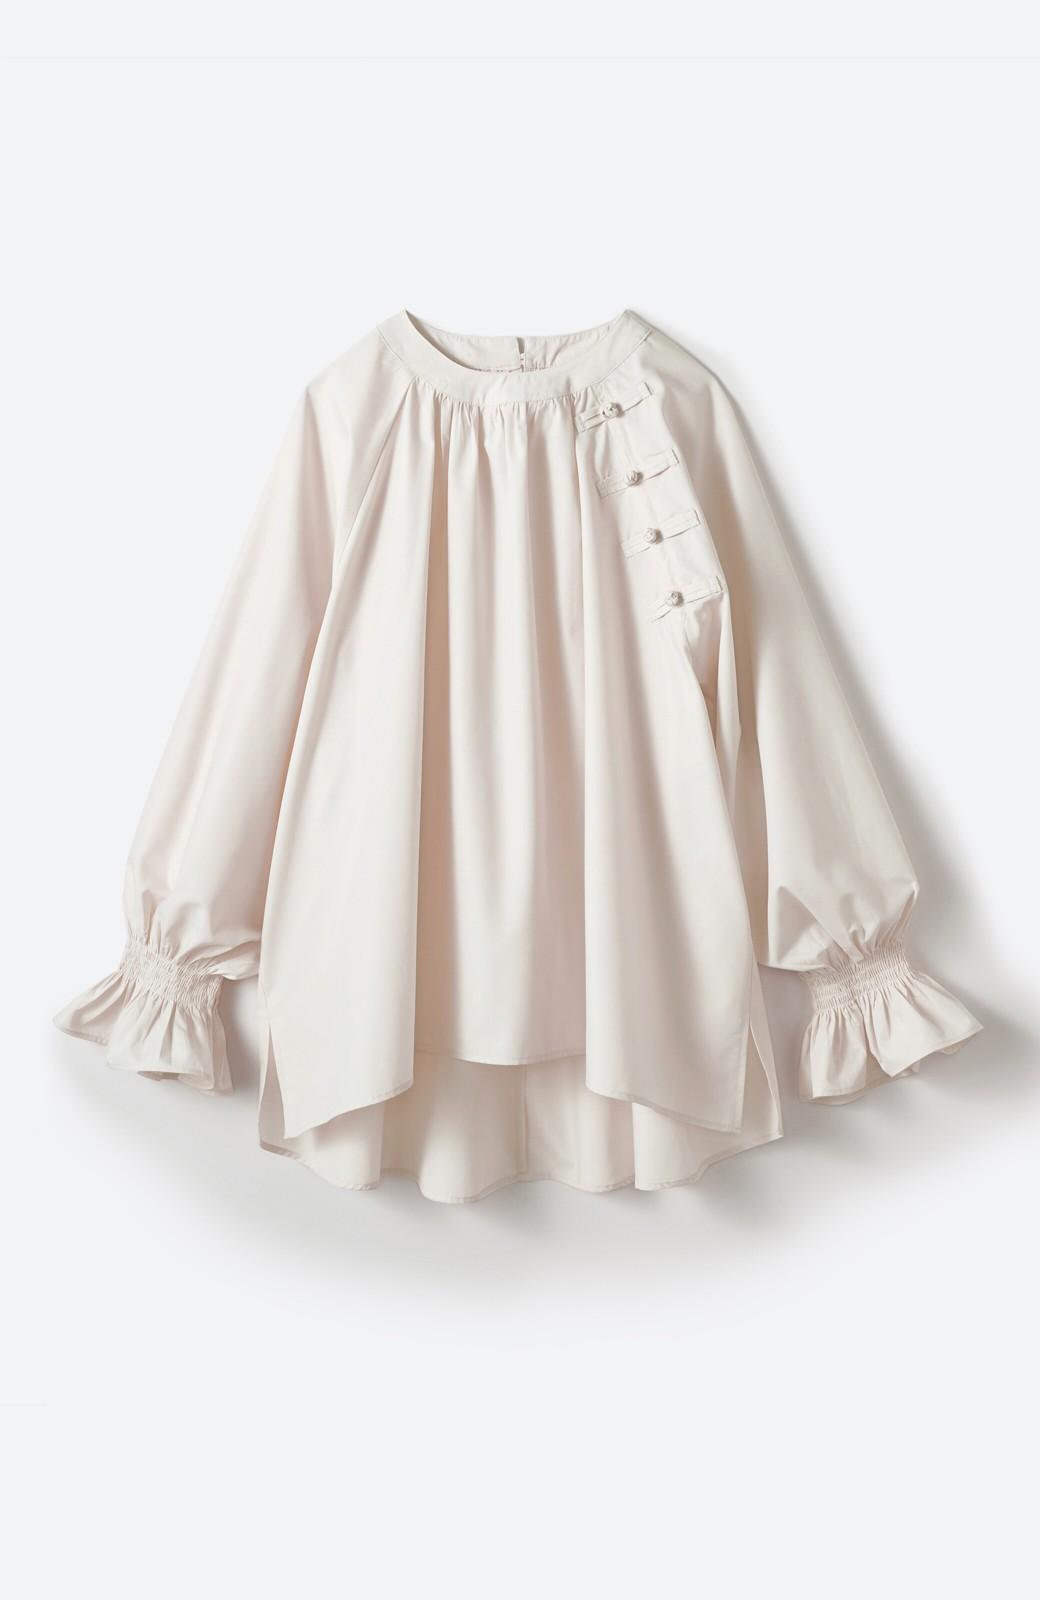 haco! パッと着るだけで新鮮&おしゃれ見え!ゆるめサイズが今っぽいチャイナボタンブラウス <ライトベージュ>の商品写真2